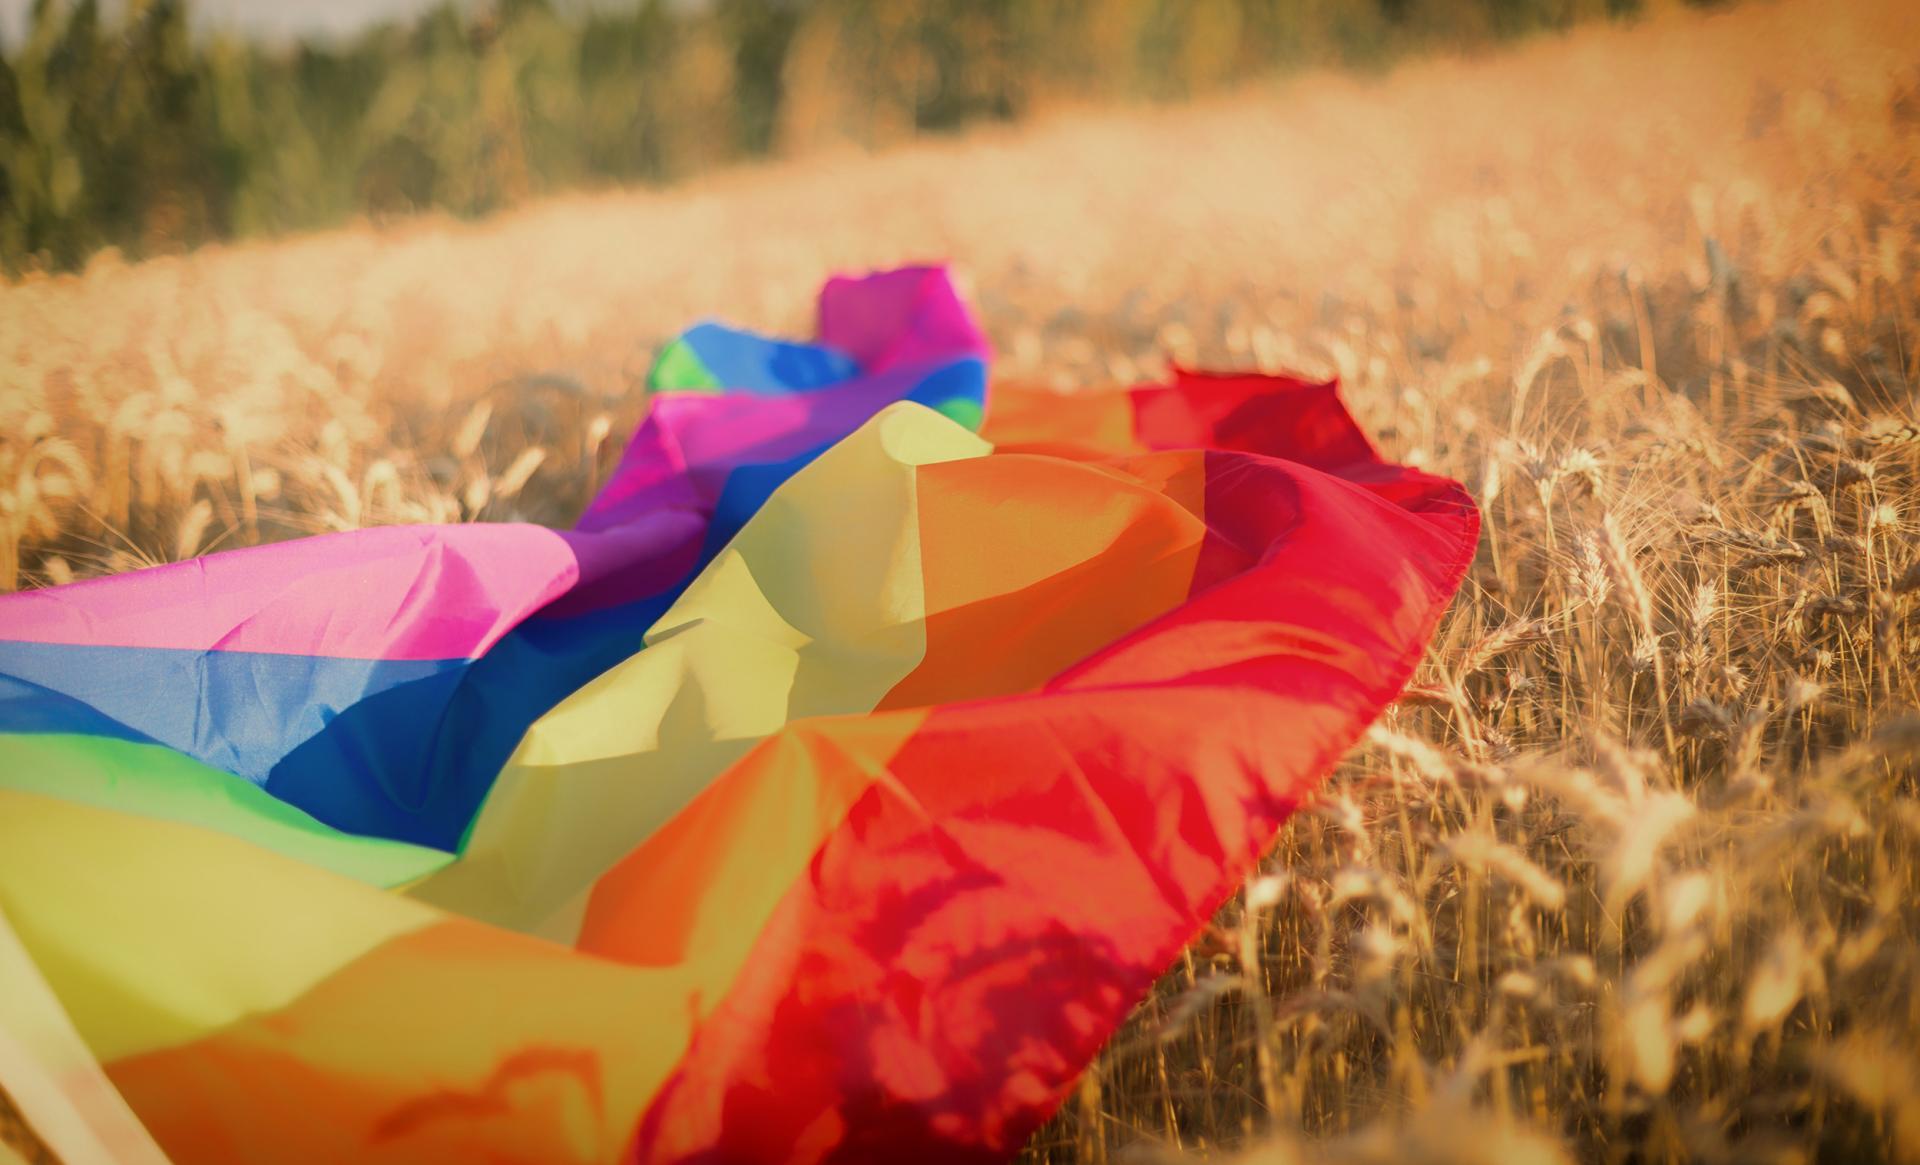 The rainbow flag over a field